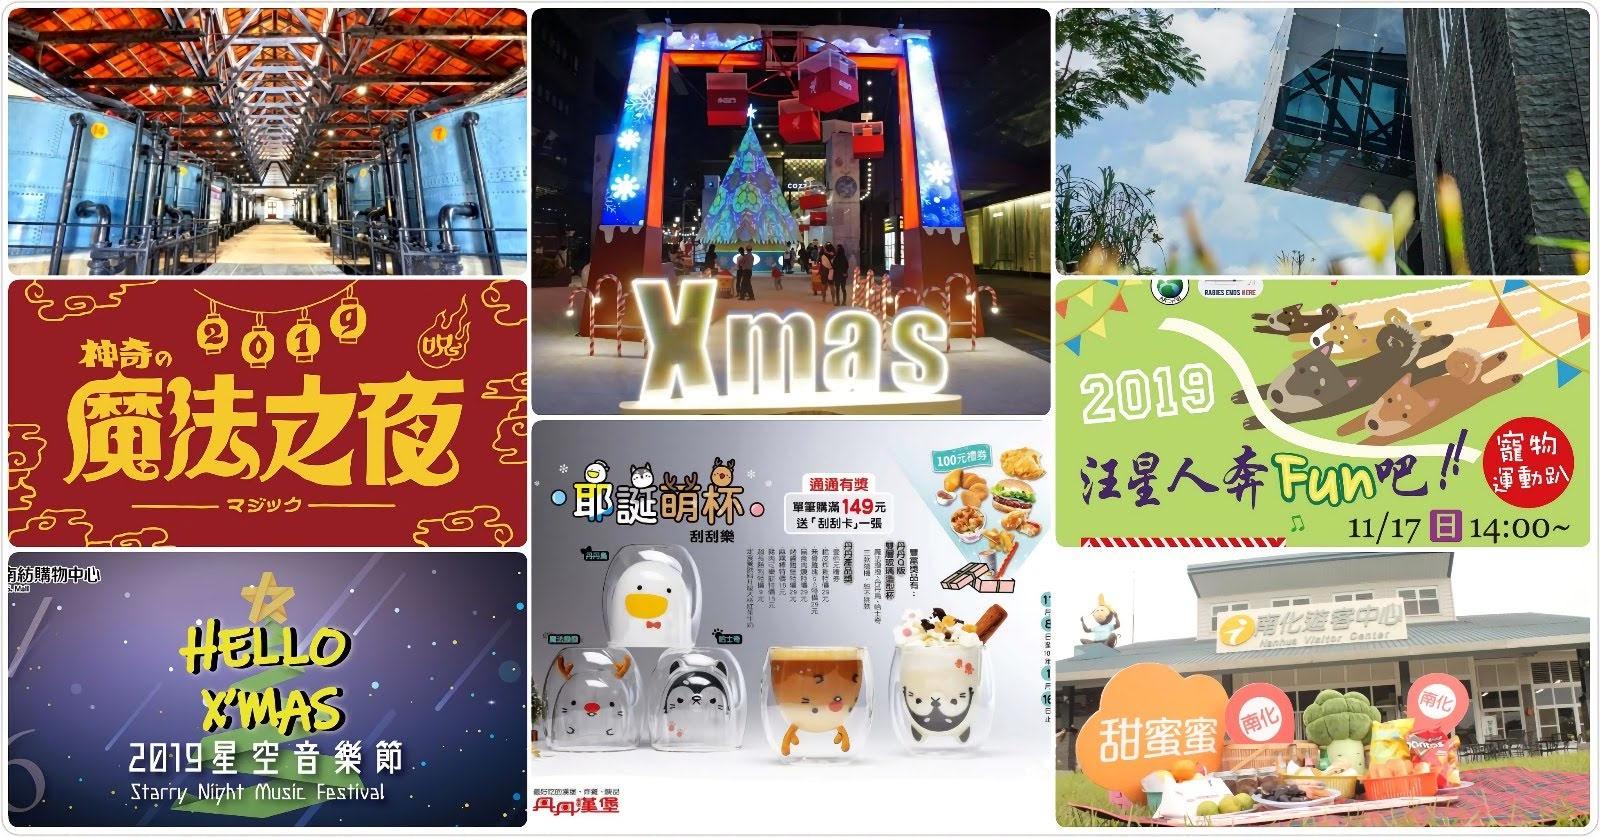 [活動] 2019 11/15-/11/17 台南週末活動整理|本週末活動數:53